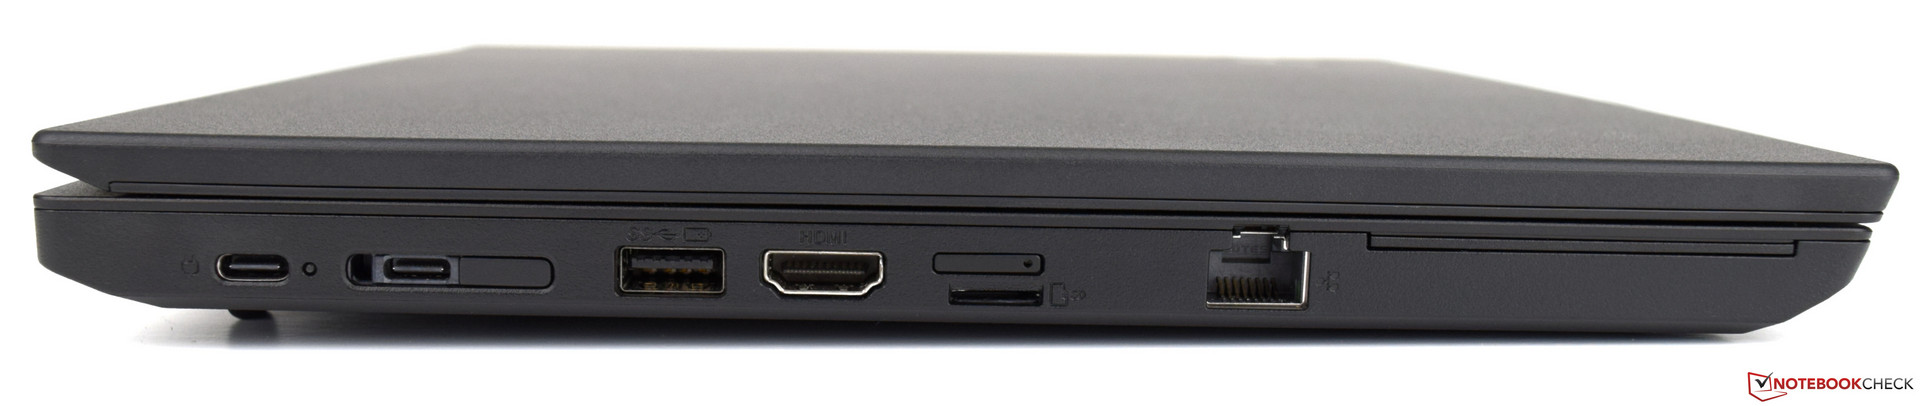 Выбор ноутбука до 50000р. (~700 ) - Версия для печати - Конференция iXBT.com 61257a62246